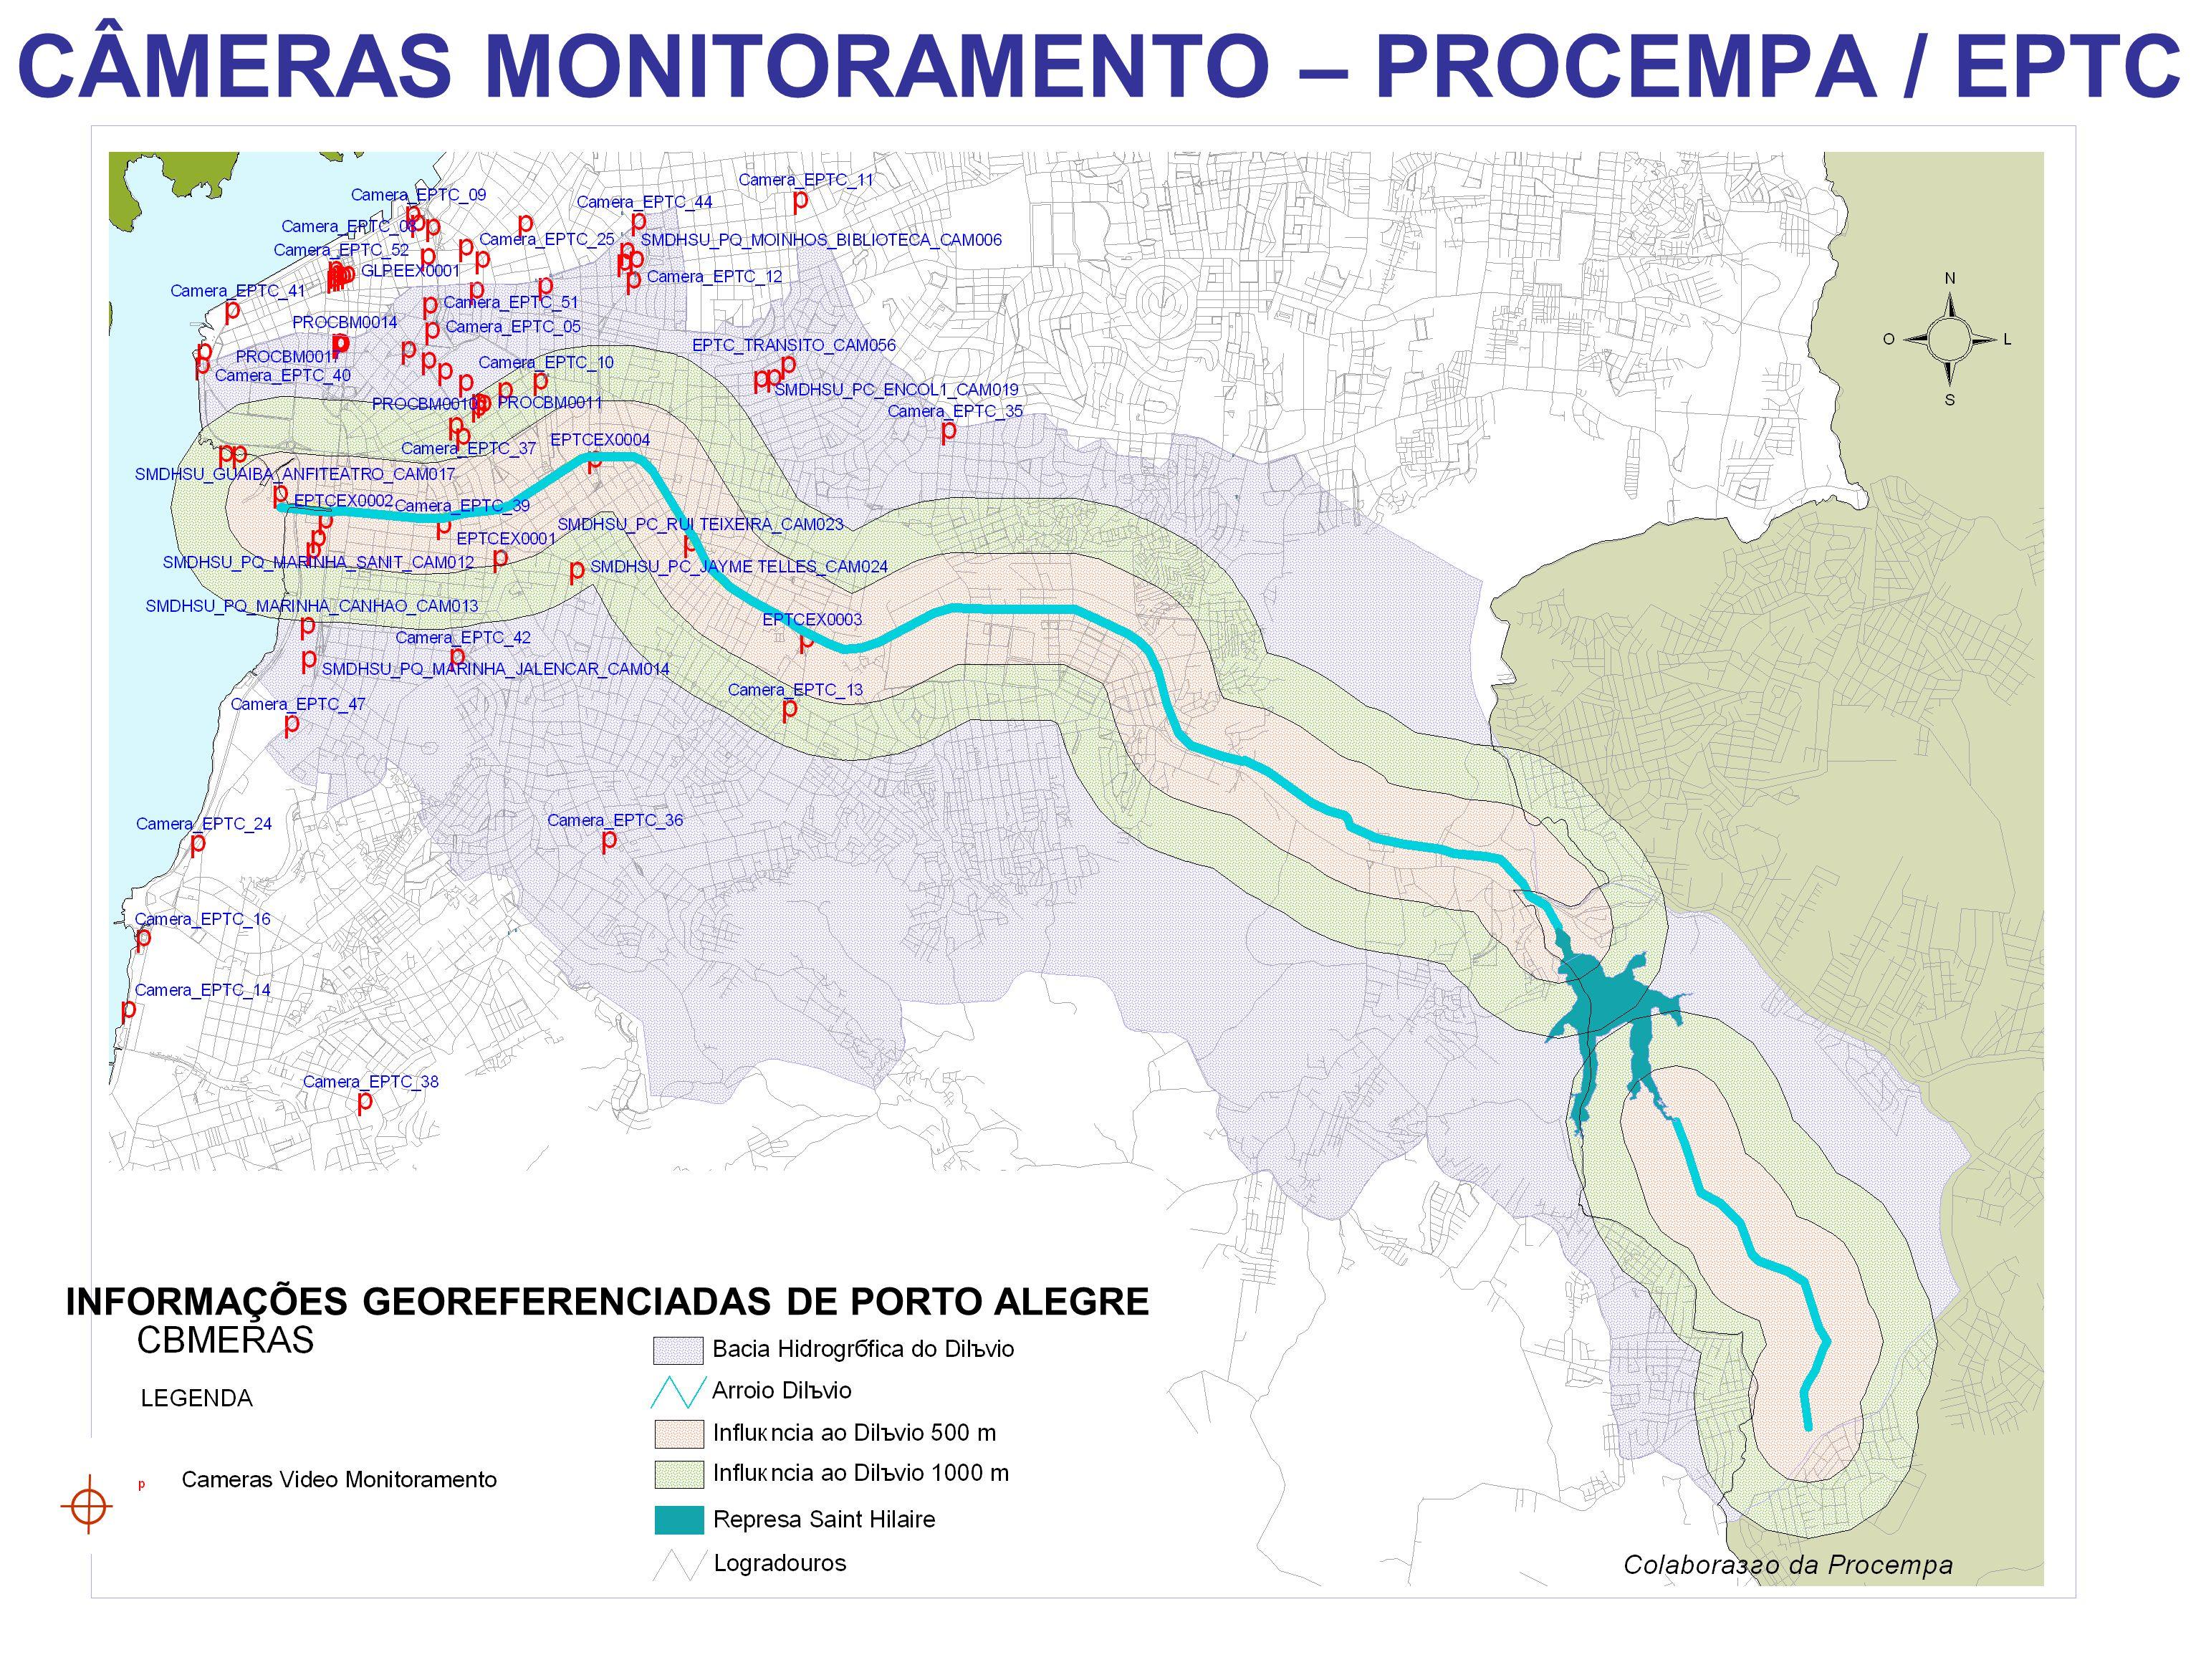 INFORMAÇÕES GEOREFERENCIADAS DE PORTO ALEGRE CÂMERAS MONITORAMENTO – PROCEMPA / EPTC